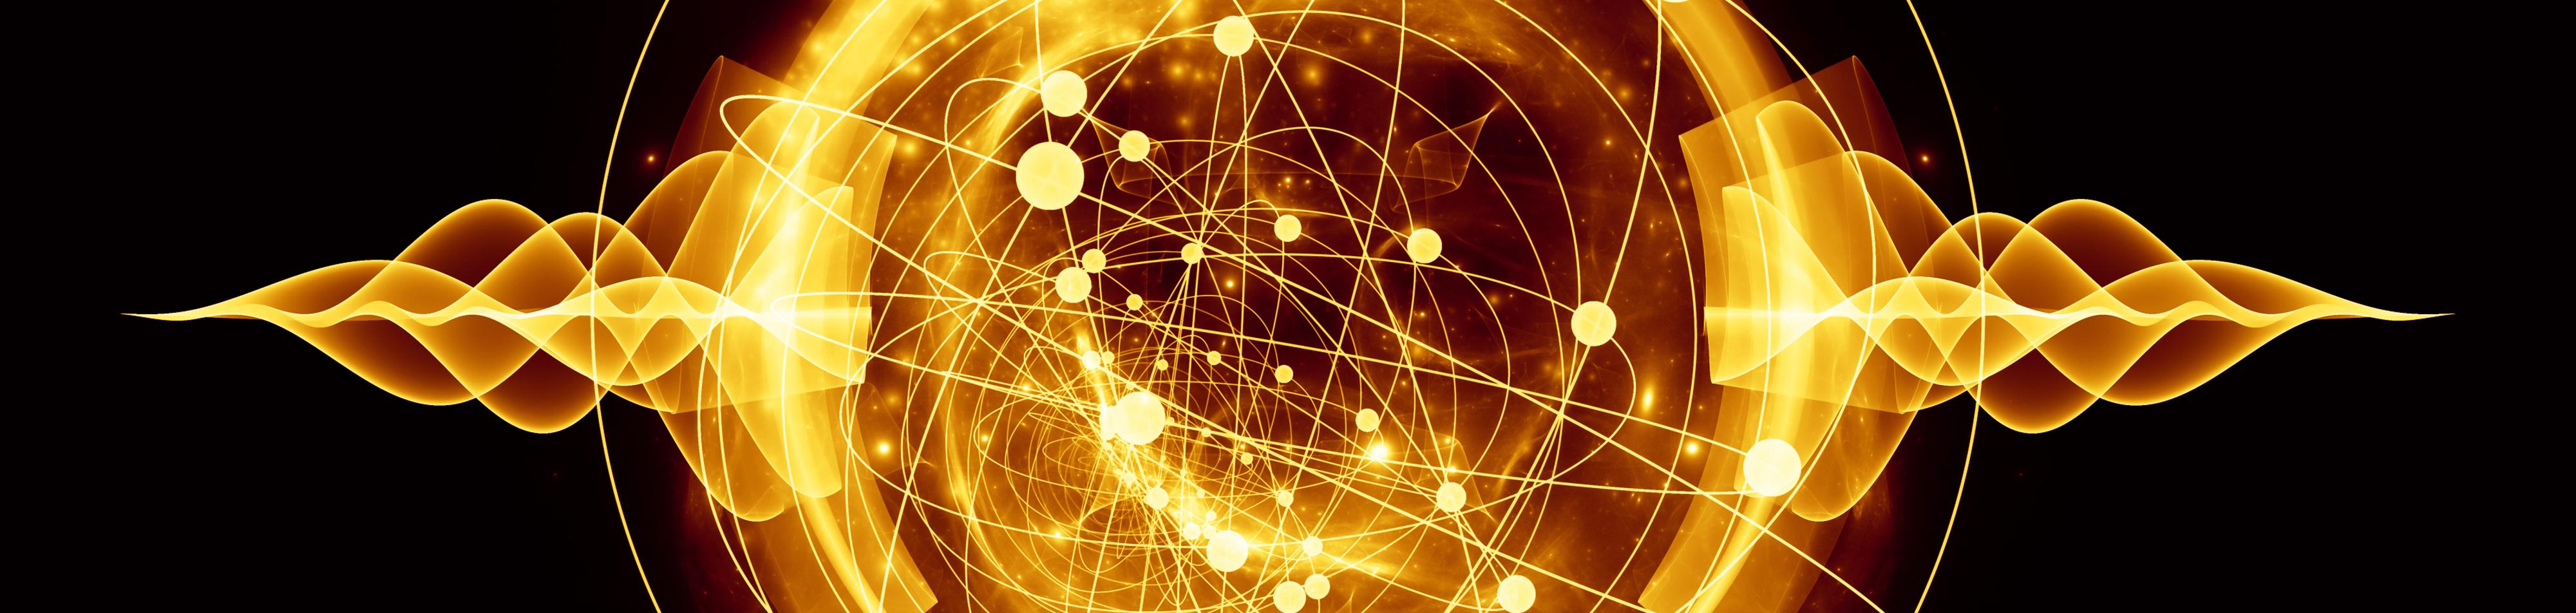 cropped flaming atom